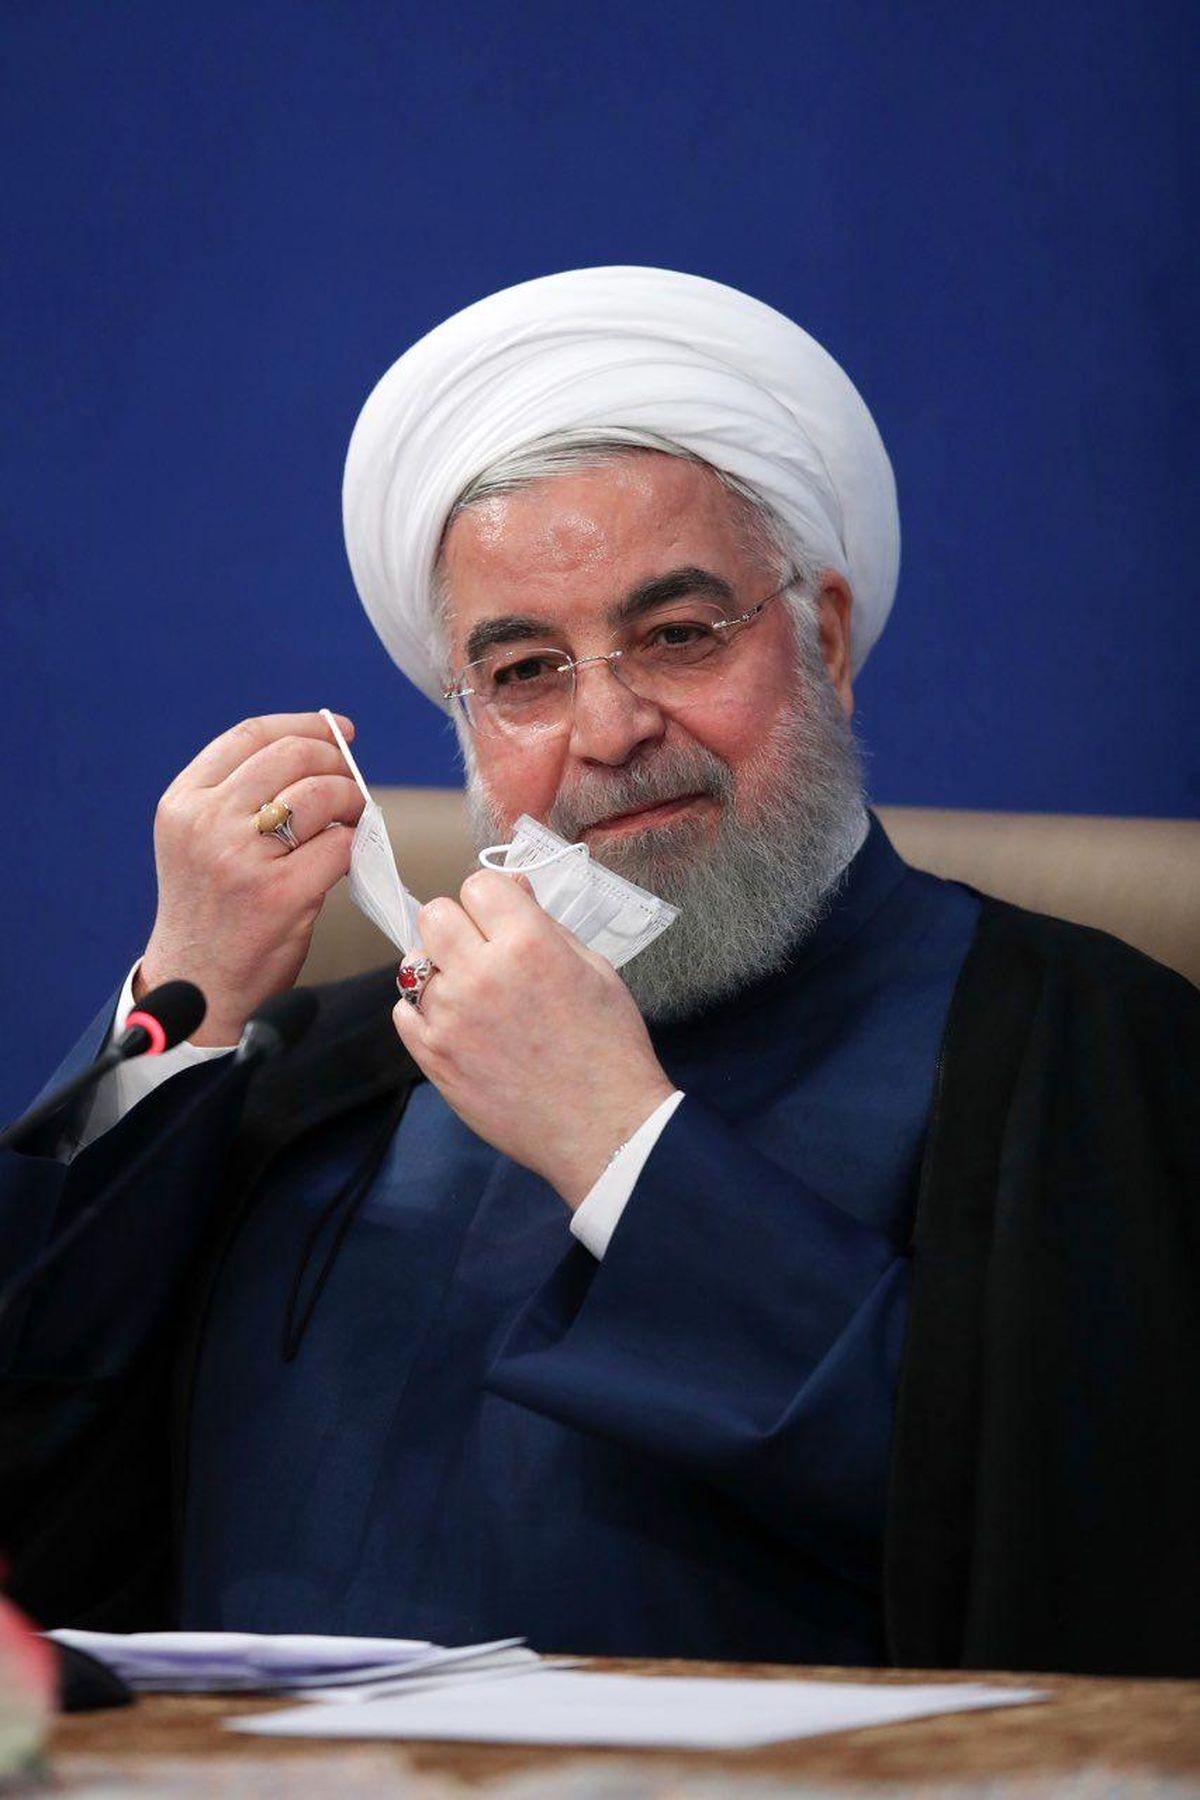 حسن روحانی نسبت به فوت انصاریان و میناوند واکنش نشان داد+فیلم